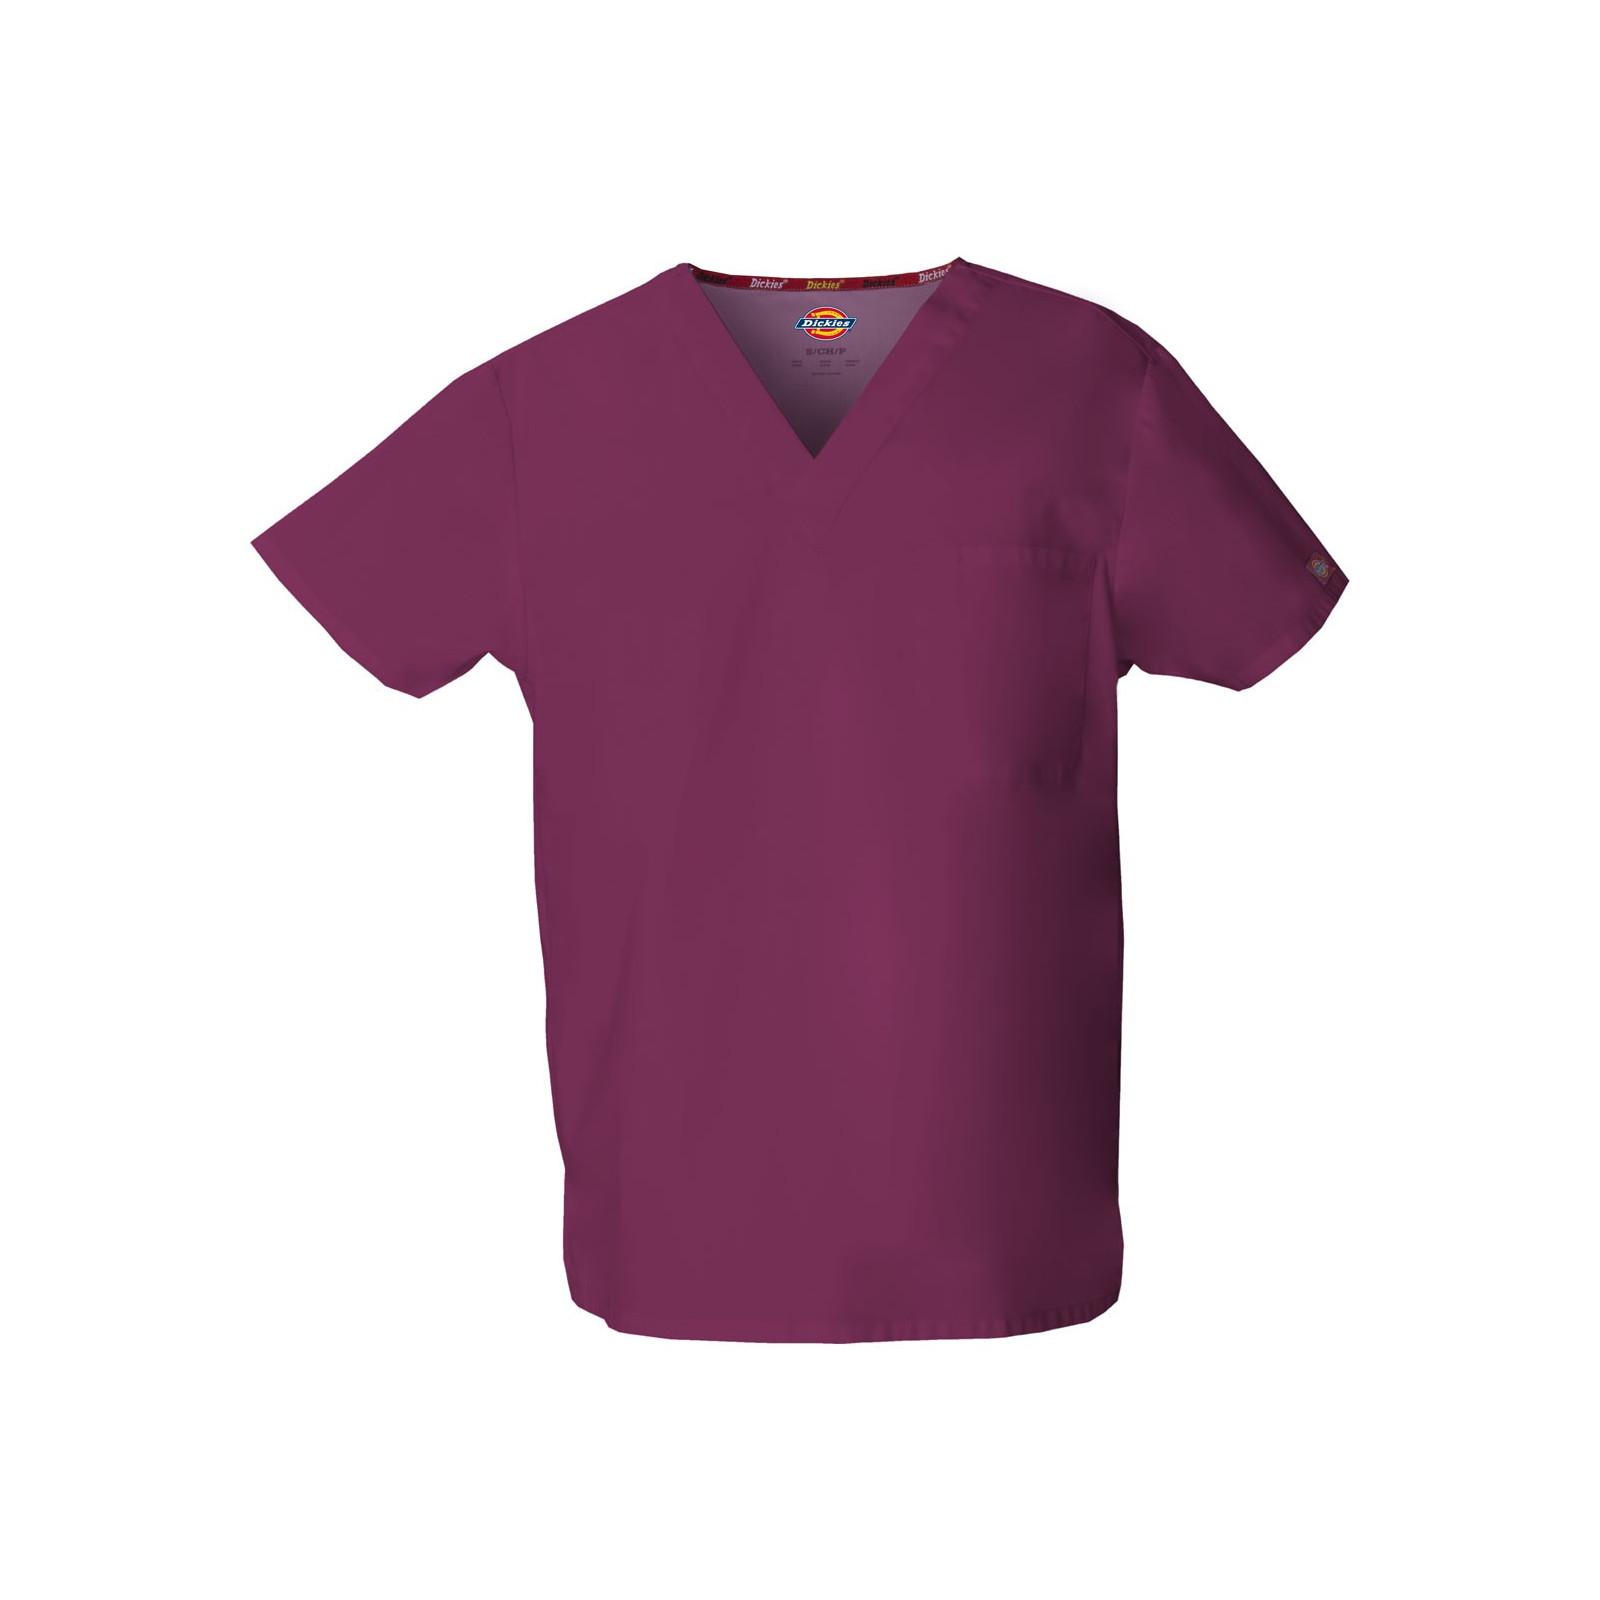 """Blouse médicale Homme, Dickies, poche cœur, Collection """"EDS signature"""" (83706), couleur bordeaux, vue produit"""